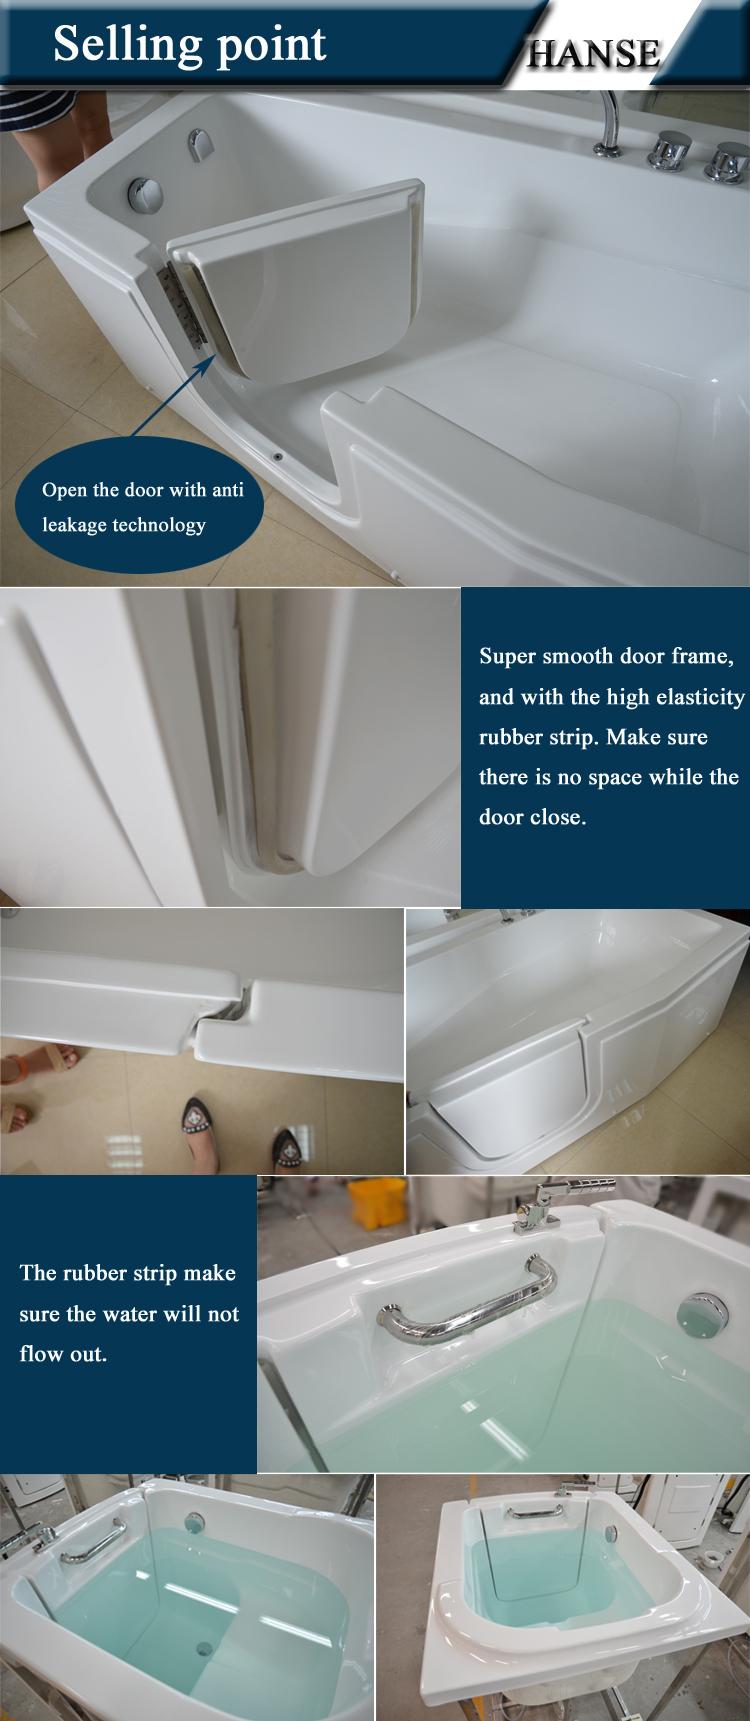 Hs 1102b Lowes Walk In Bathtub With Shower Walk In Tub With Door Walking Bath Buy Lowes Walk In Bathtub With Shower Walk In Tub With Door Walking